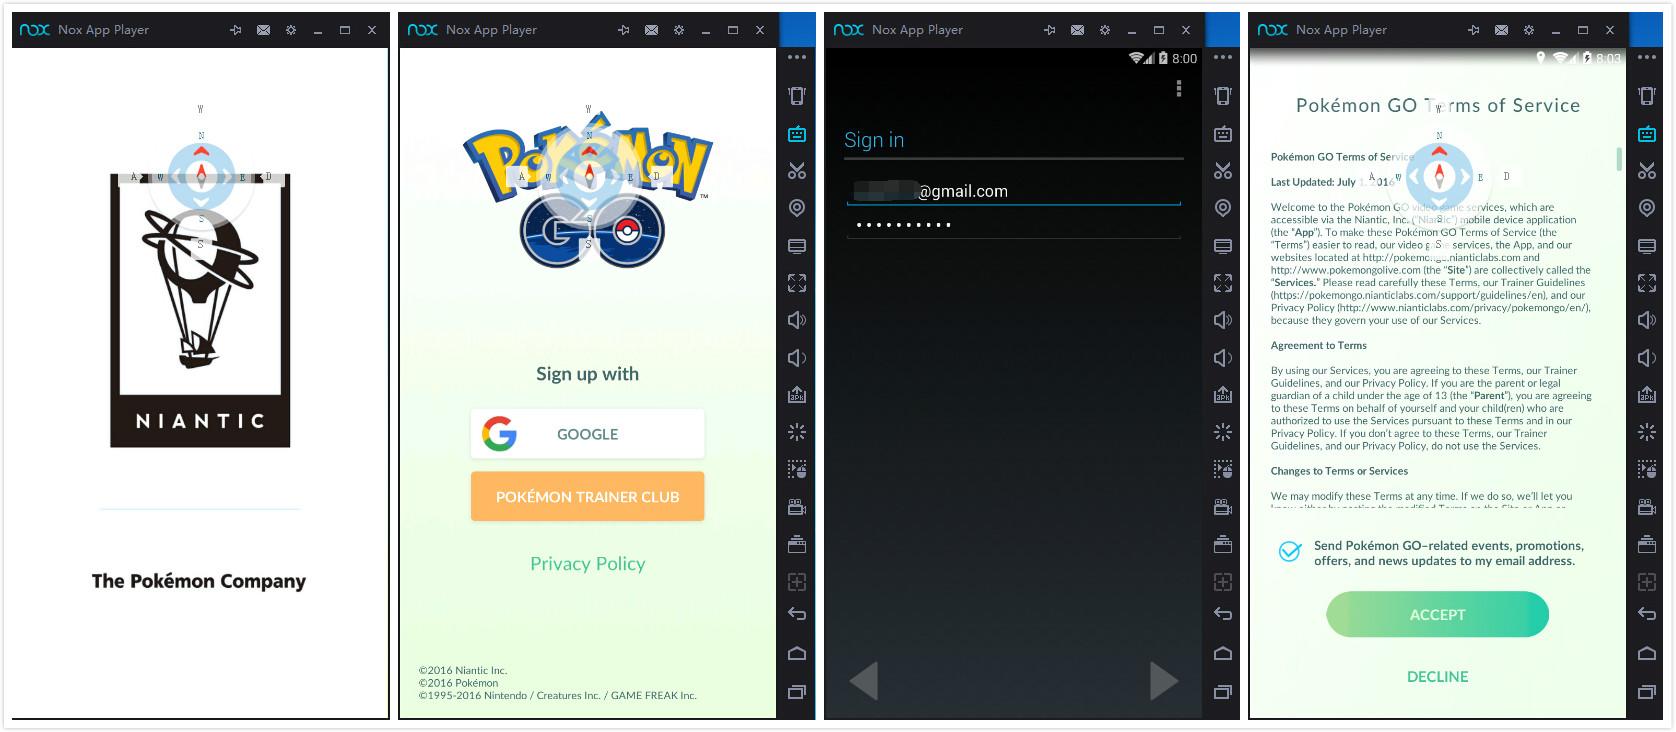 nox app player download iphone